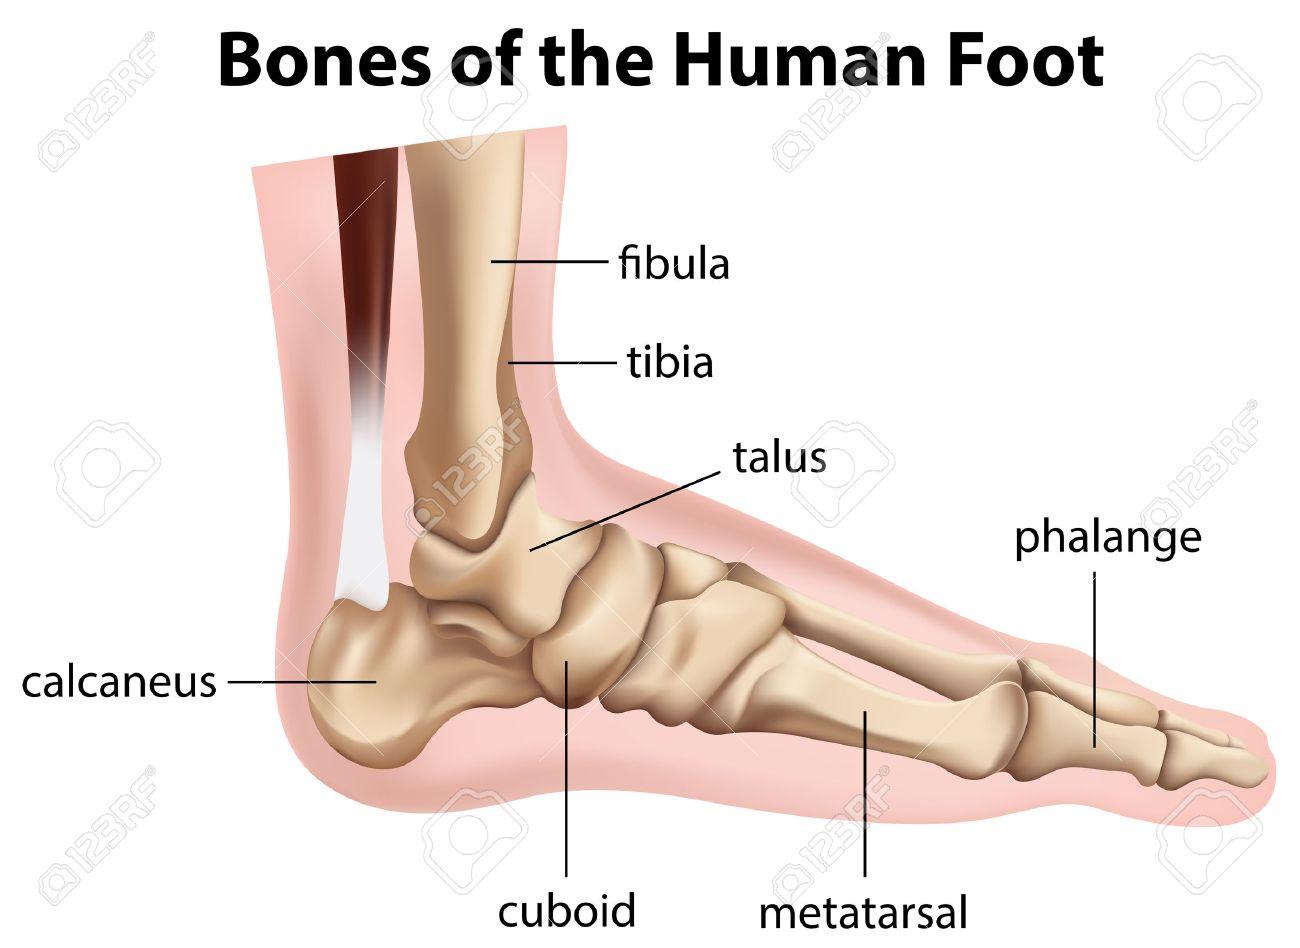 Ilustración De Los Huesos Del Pie Humano Sobre Un Fondo Blanco ...